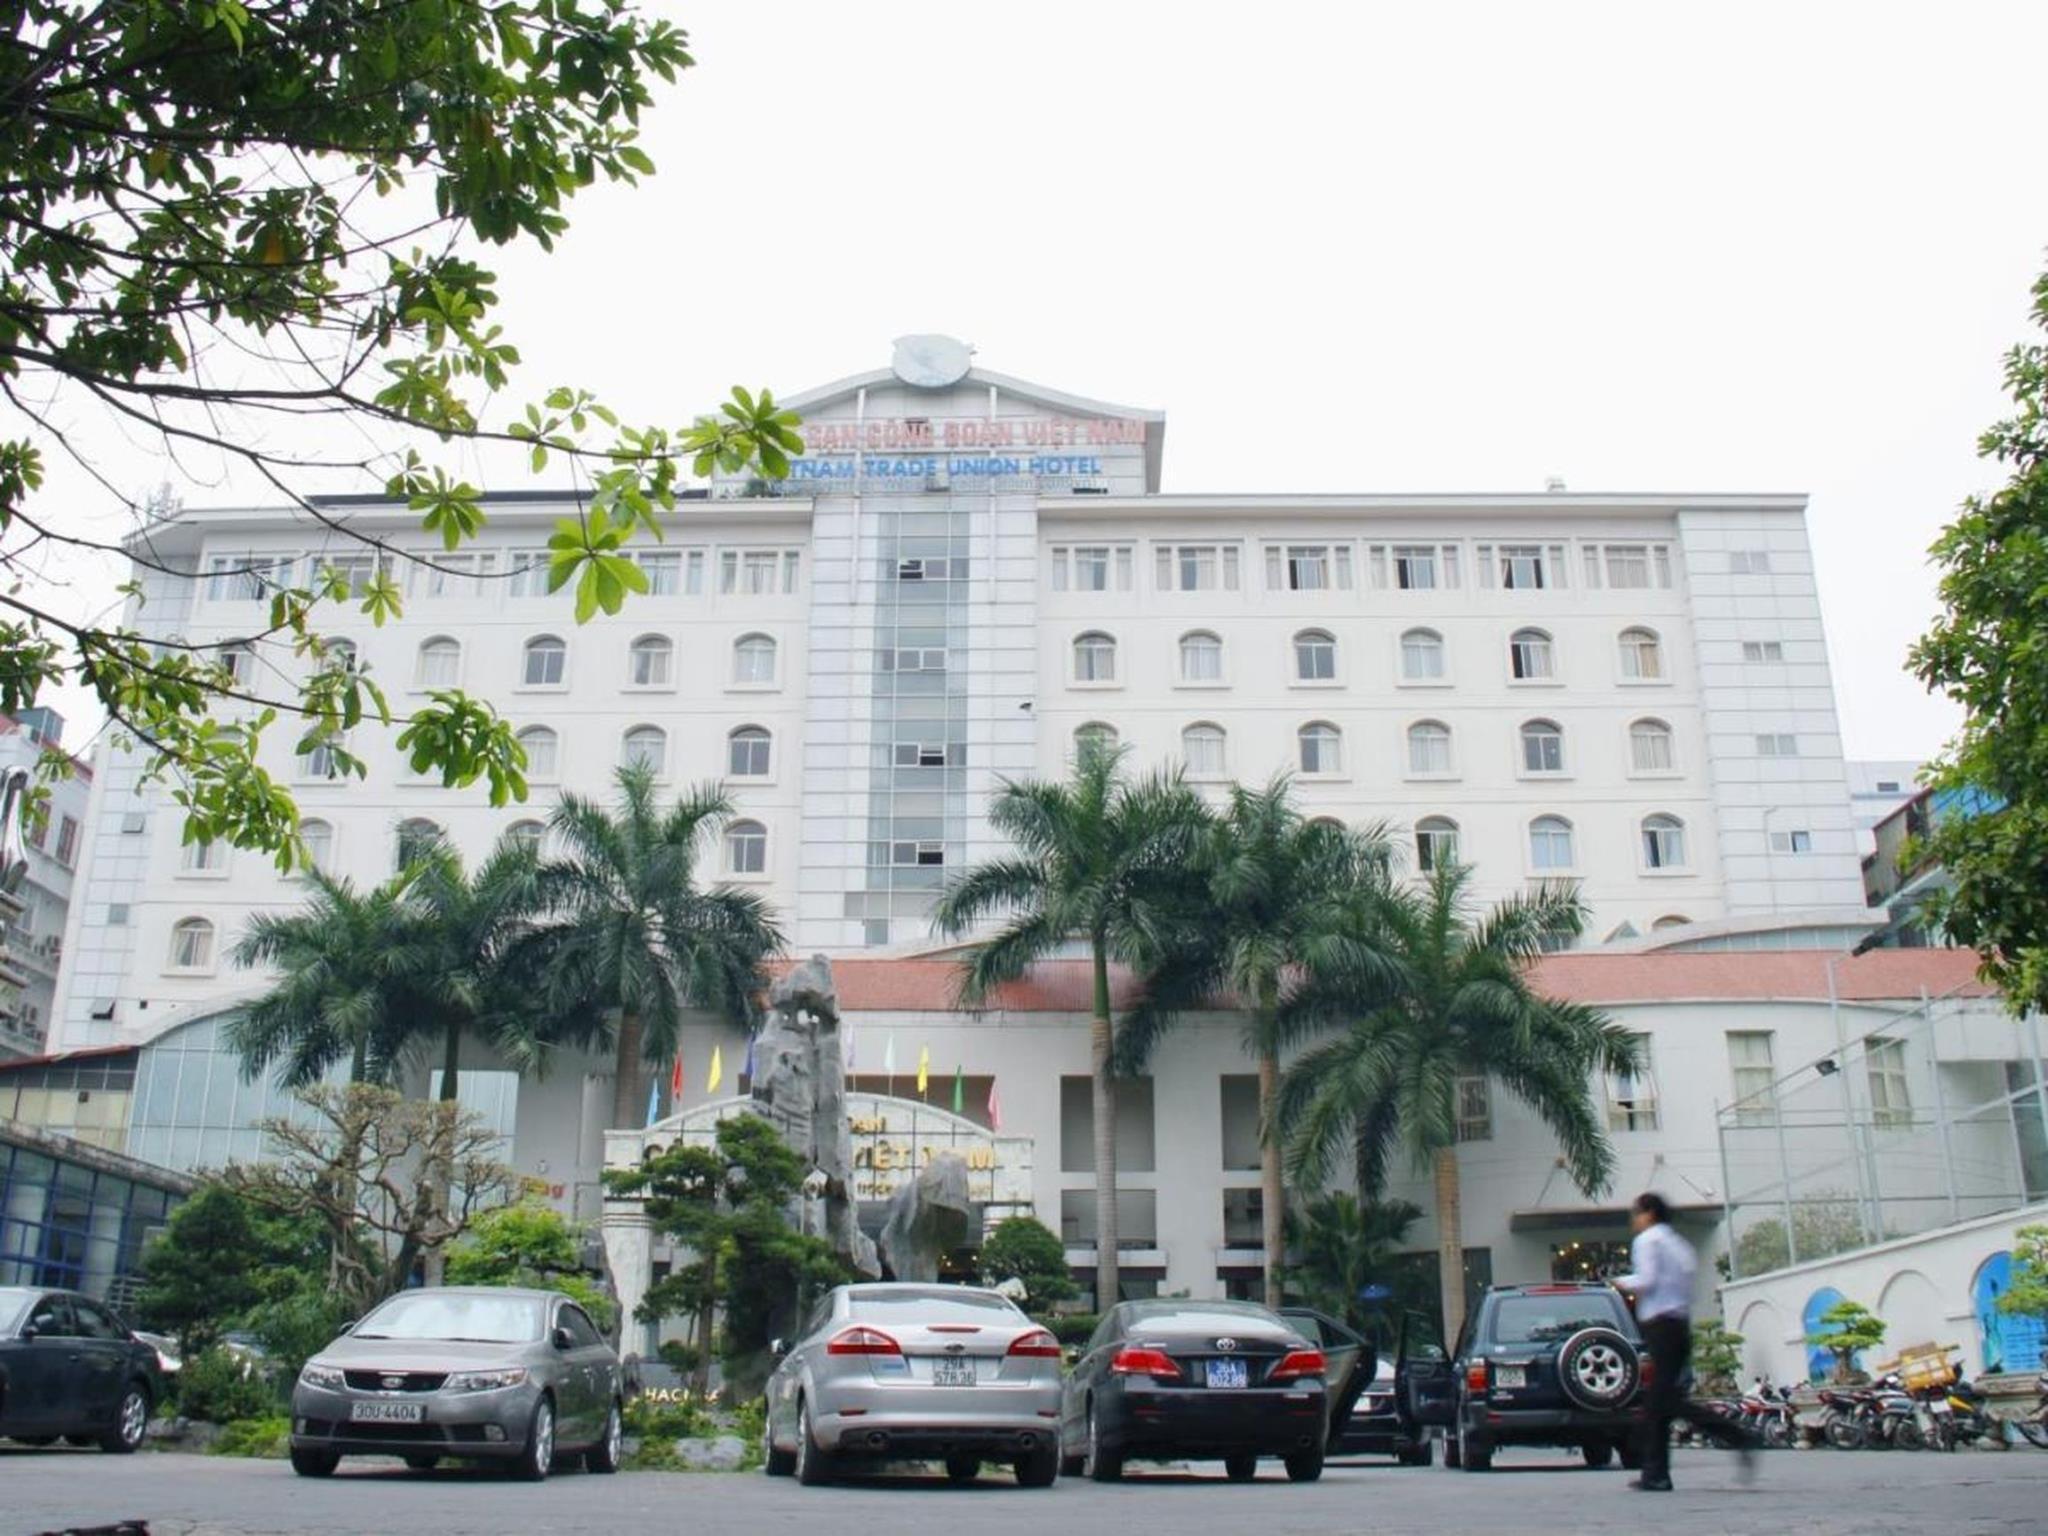 Khách Sạn Công Đoàn Hà Nội – Vietnam Trade Union Hotel